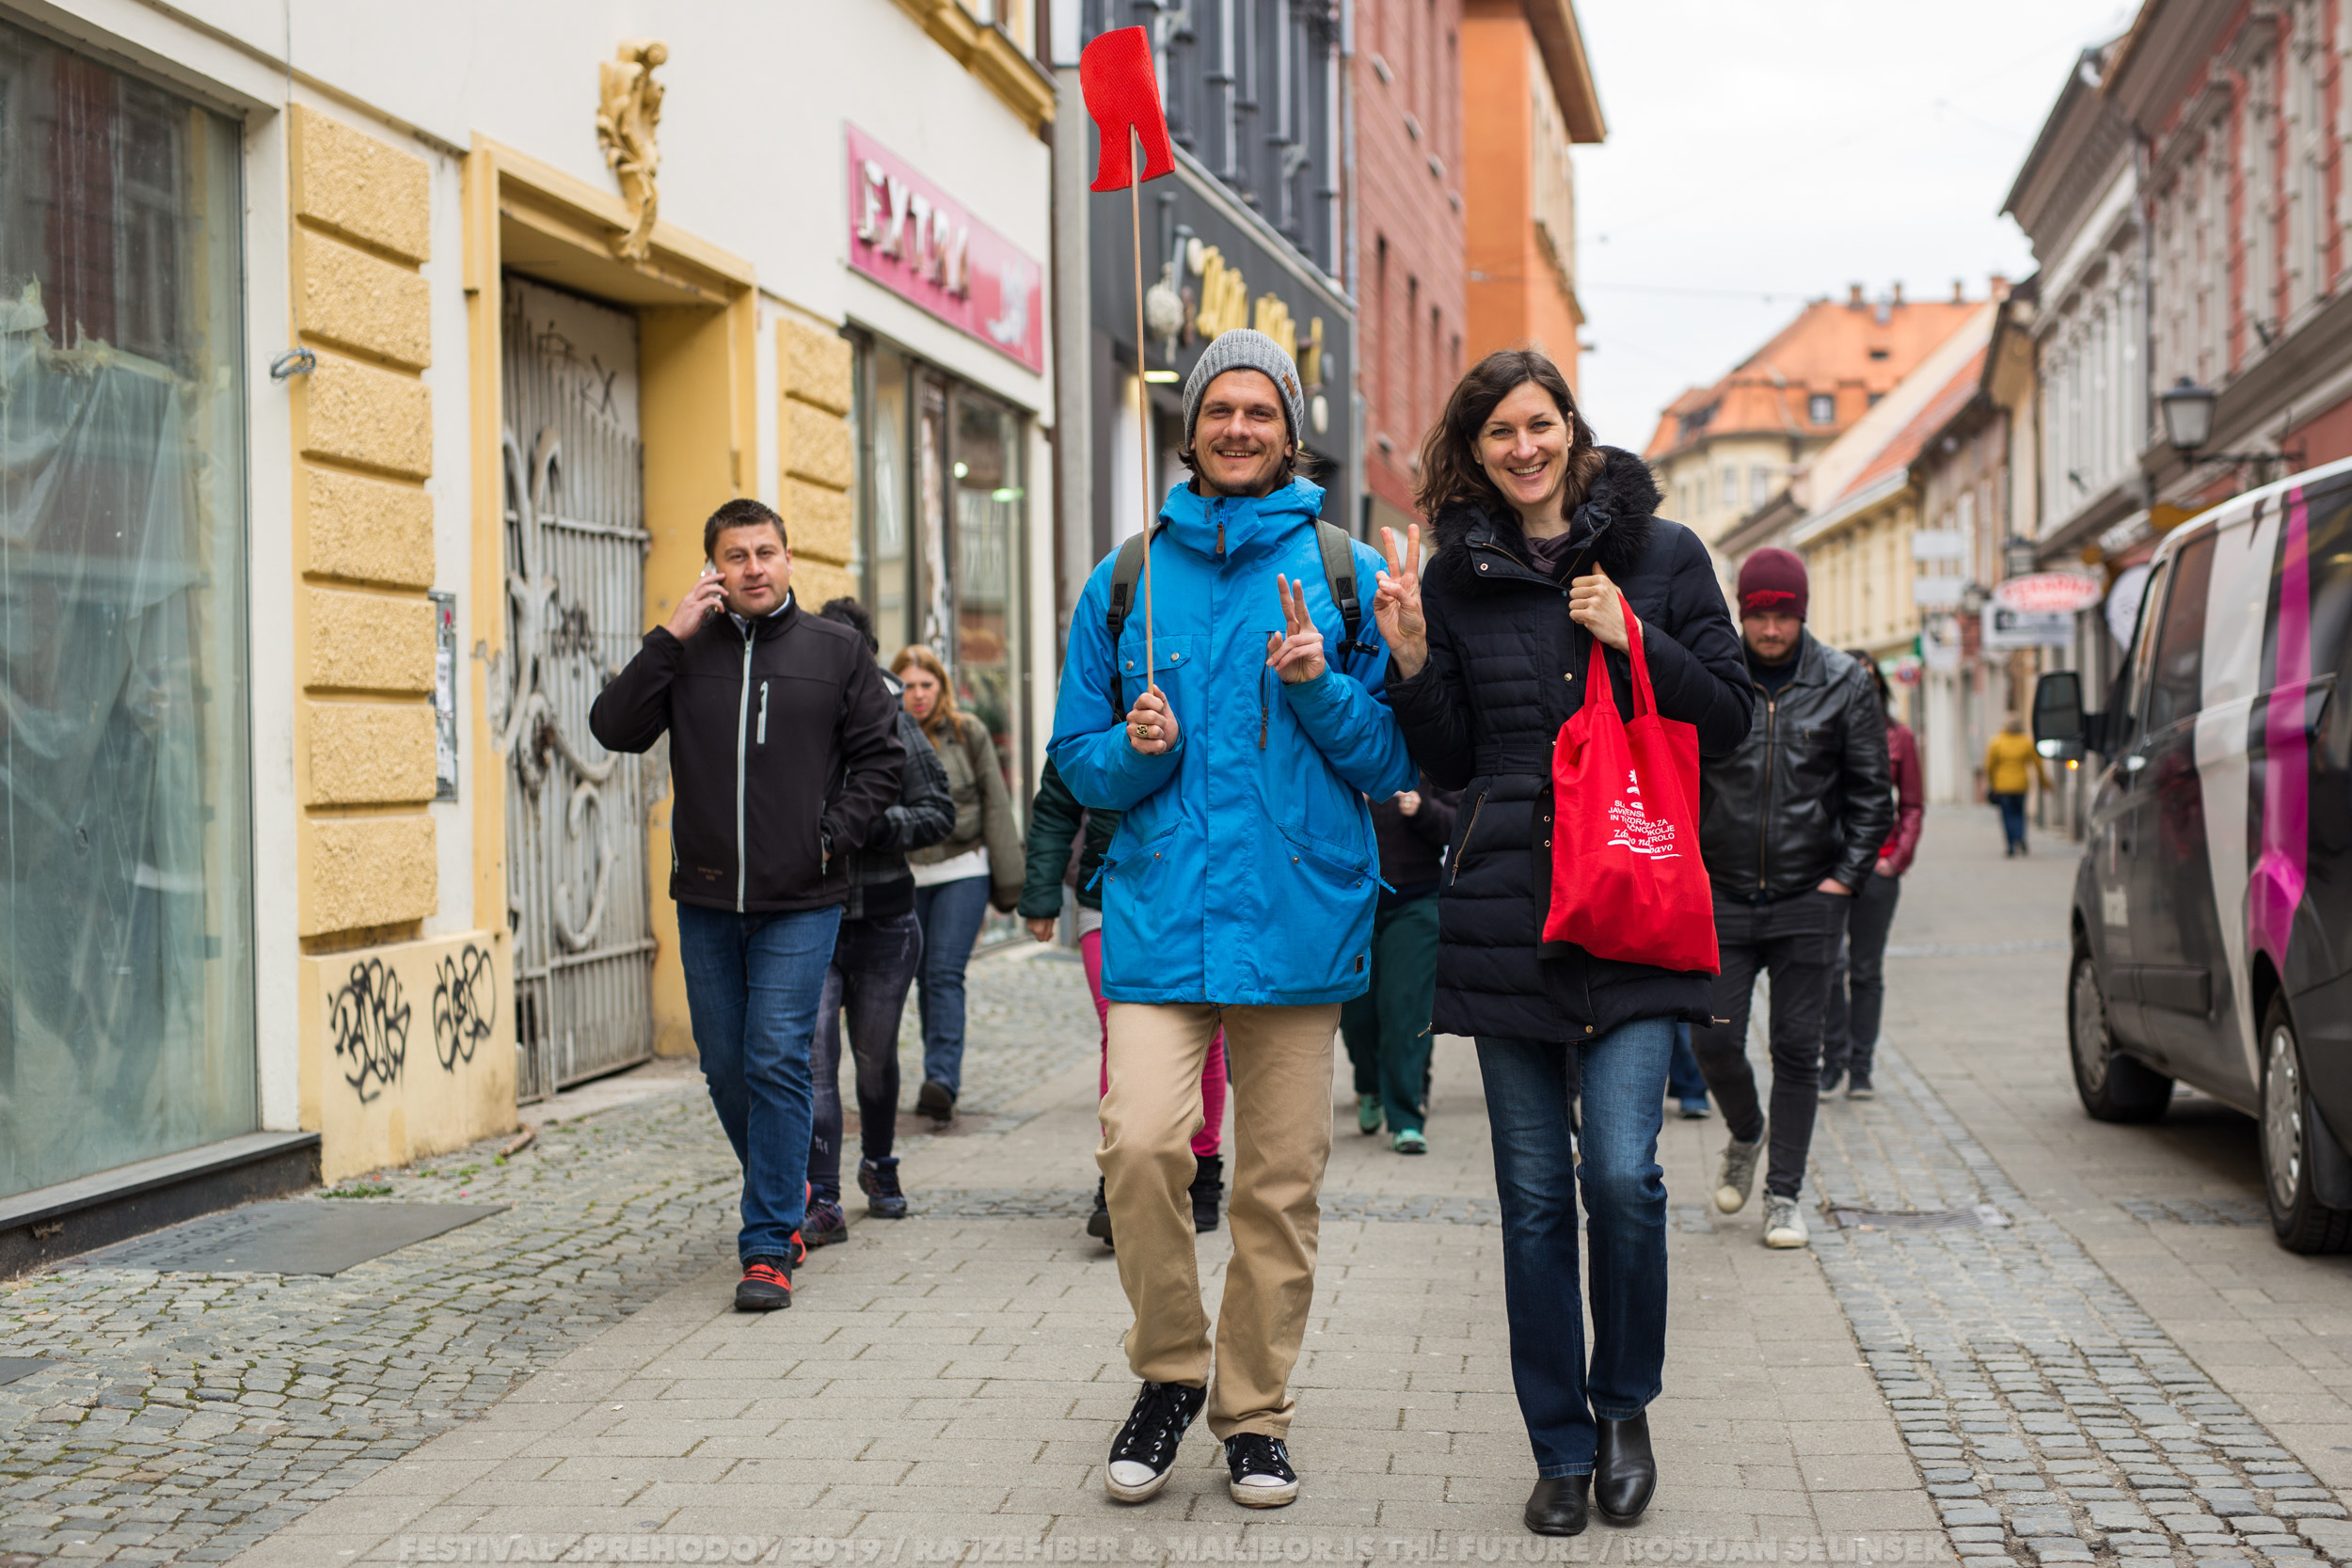 Festival sprehodov_3dan_Boštjan Selinšek (3).jpg